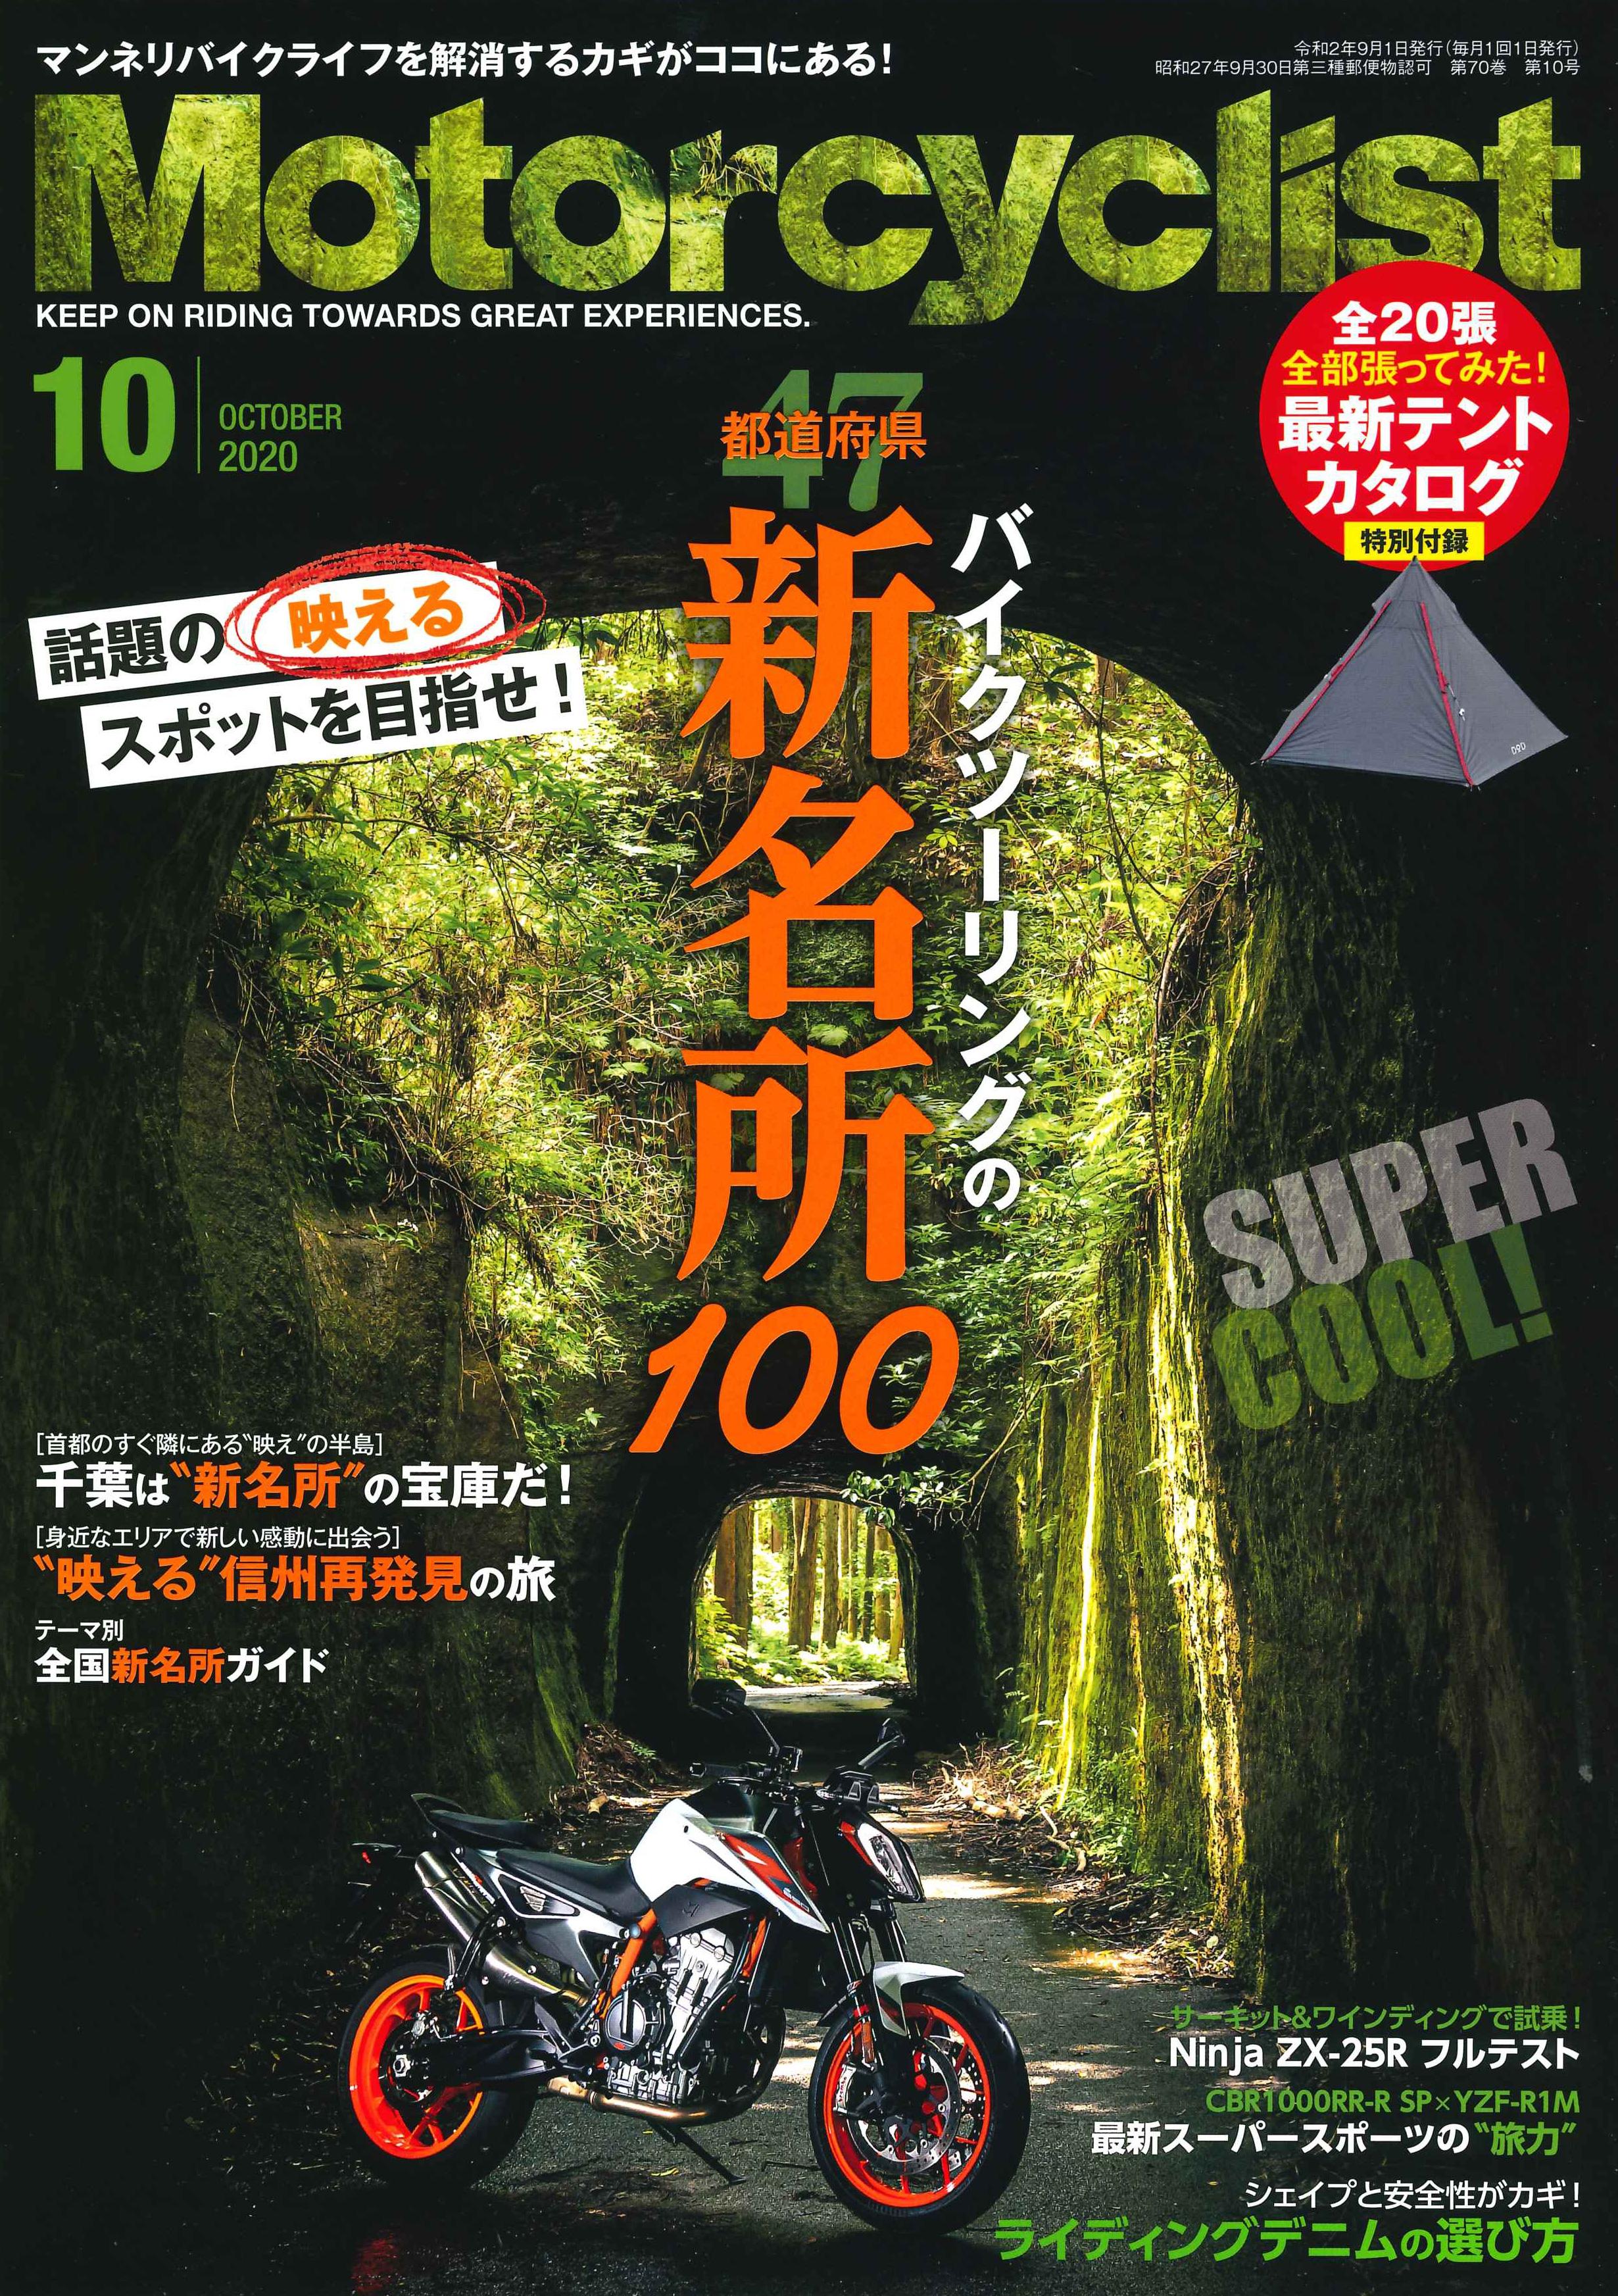 【Motorcyclist 10月号】通話をさらにクリアにする『新・B+LINK』